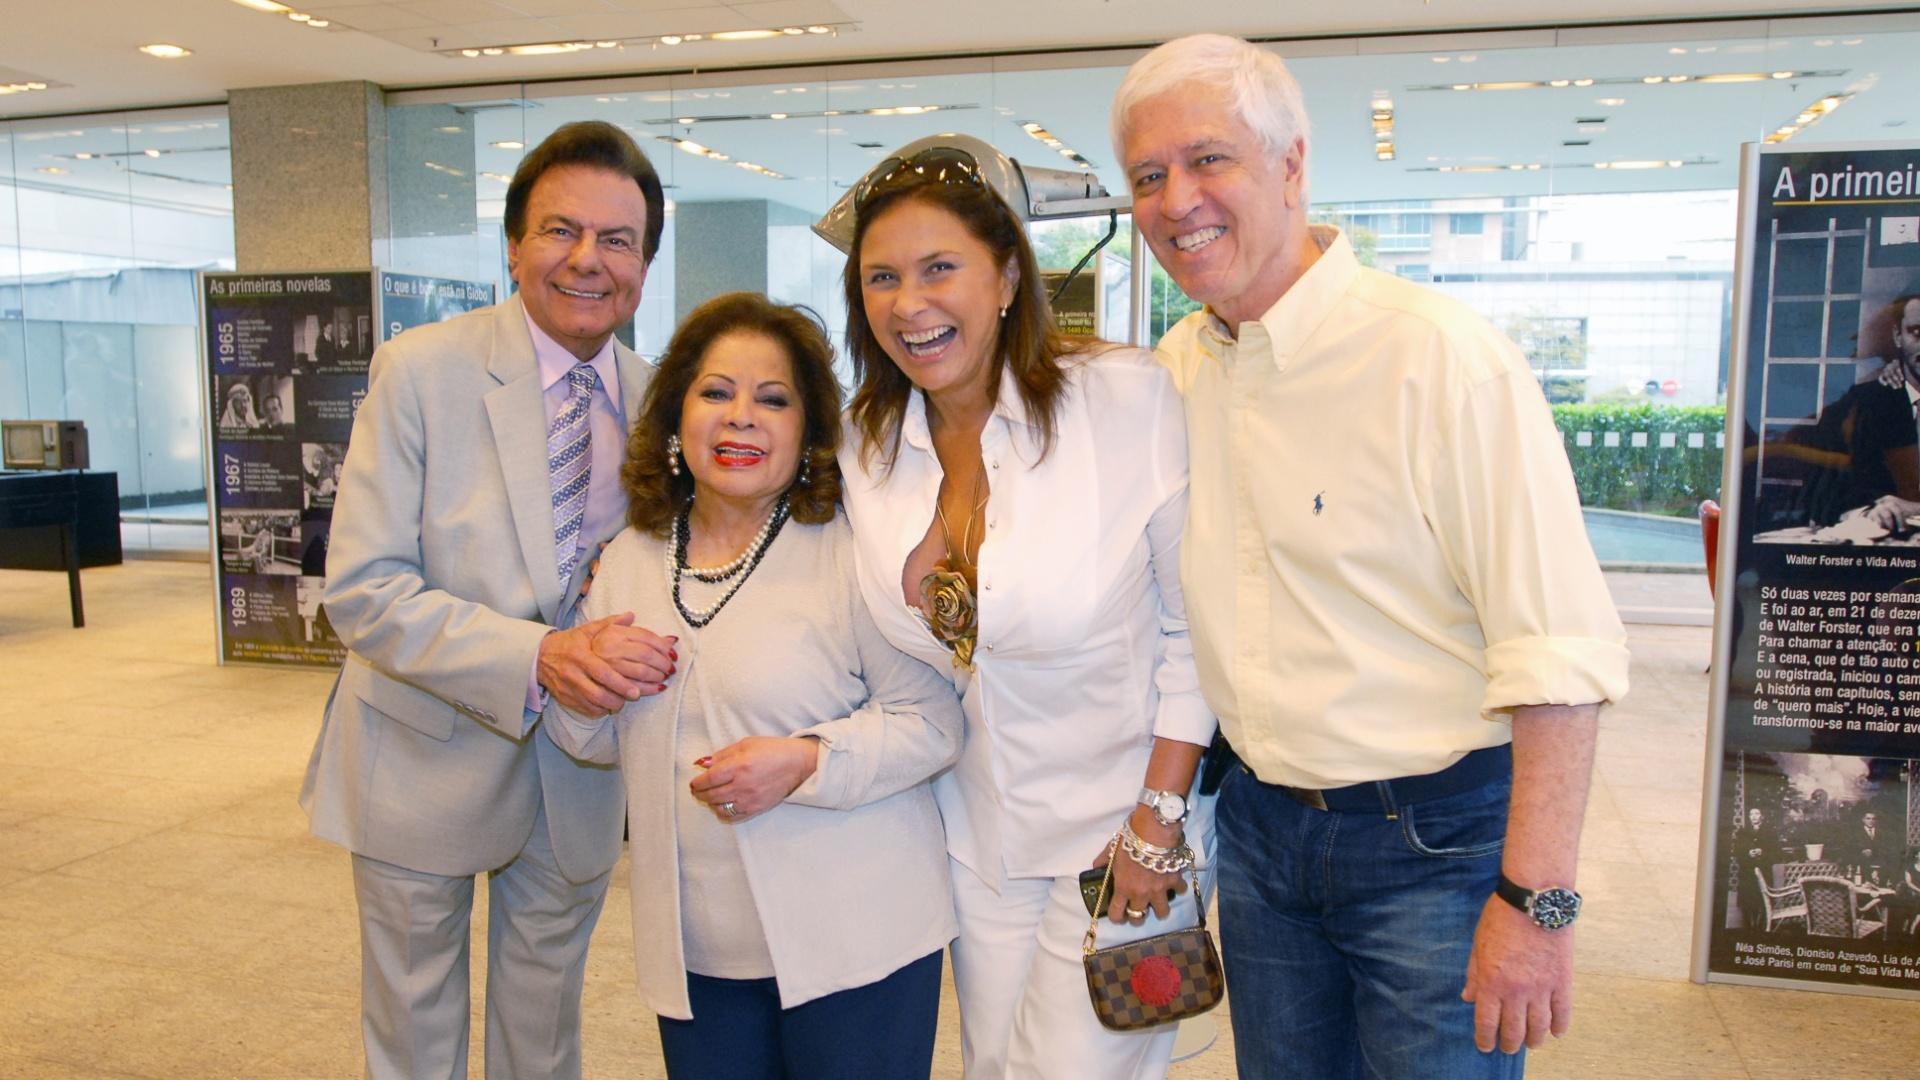 Agnaldo Rayol, Ângela Maria, Fafá de Belém e Nuno Leal Maia visitam a exposição